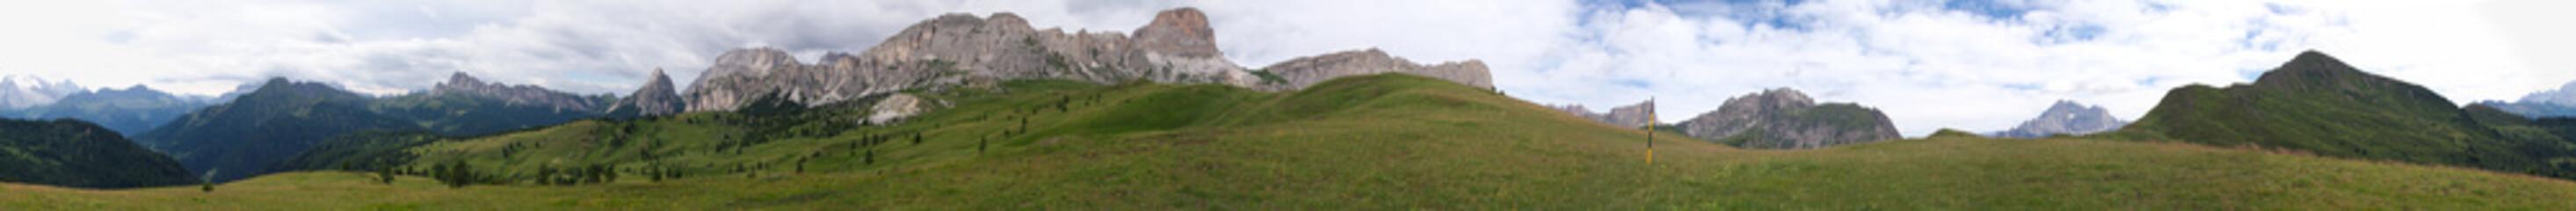 Dolomiten - 360° Panorama